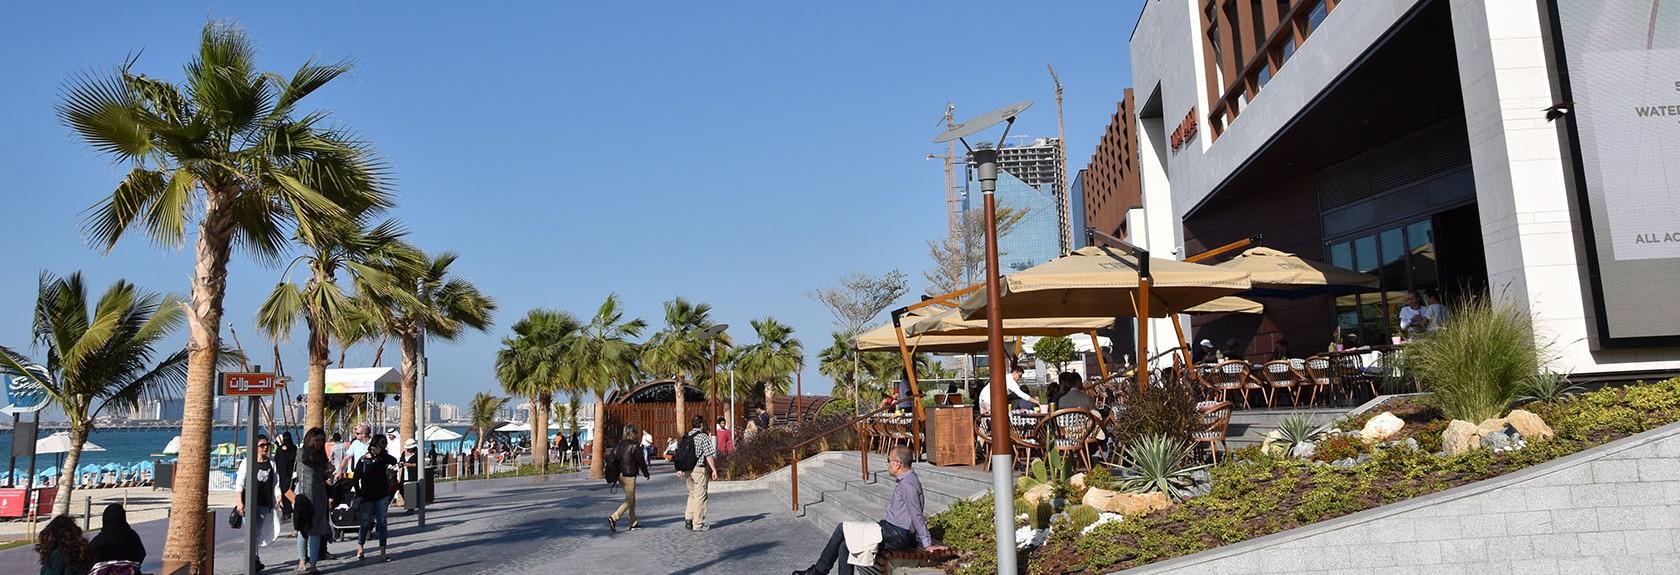 The Beach (Dubai Marina)